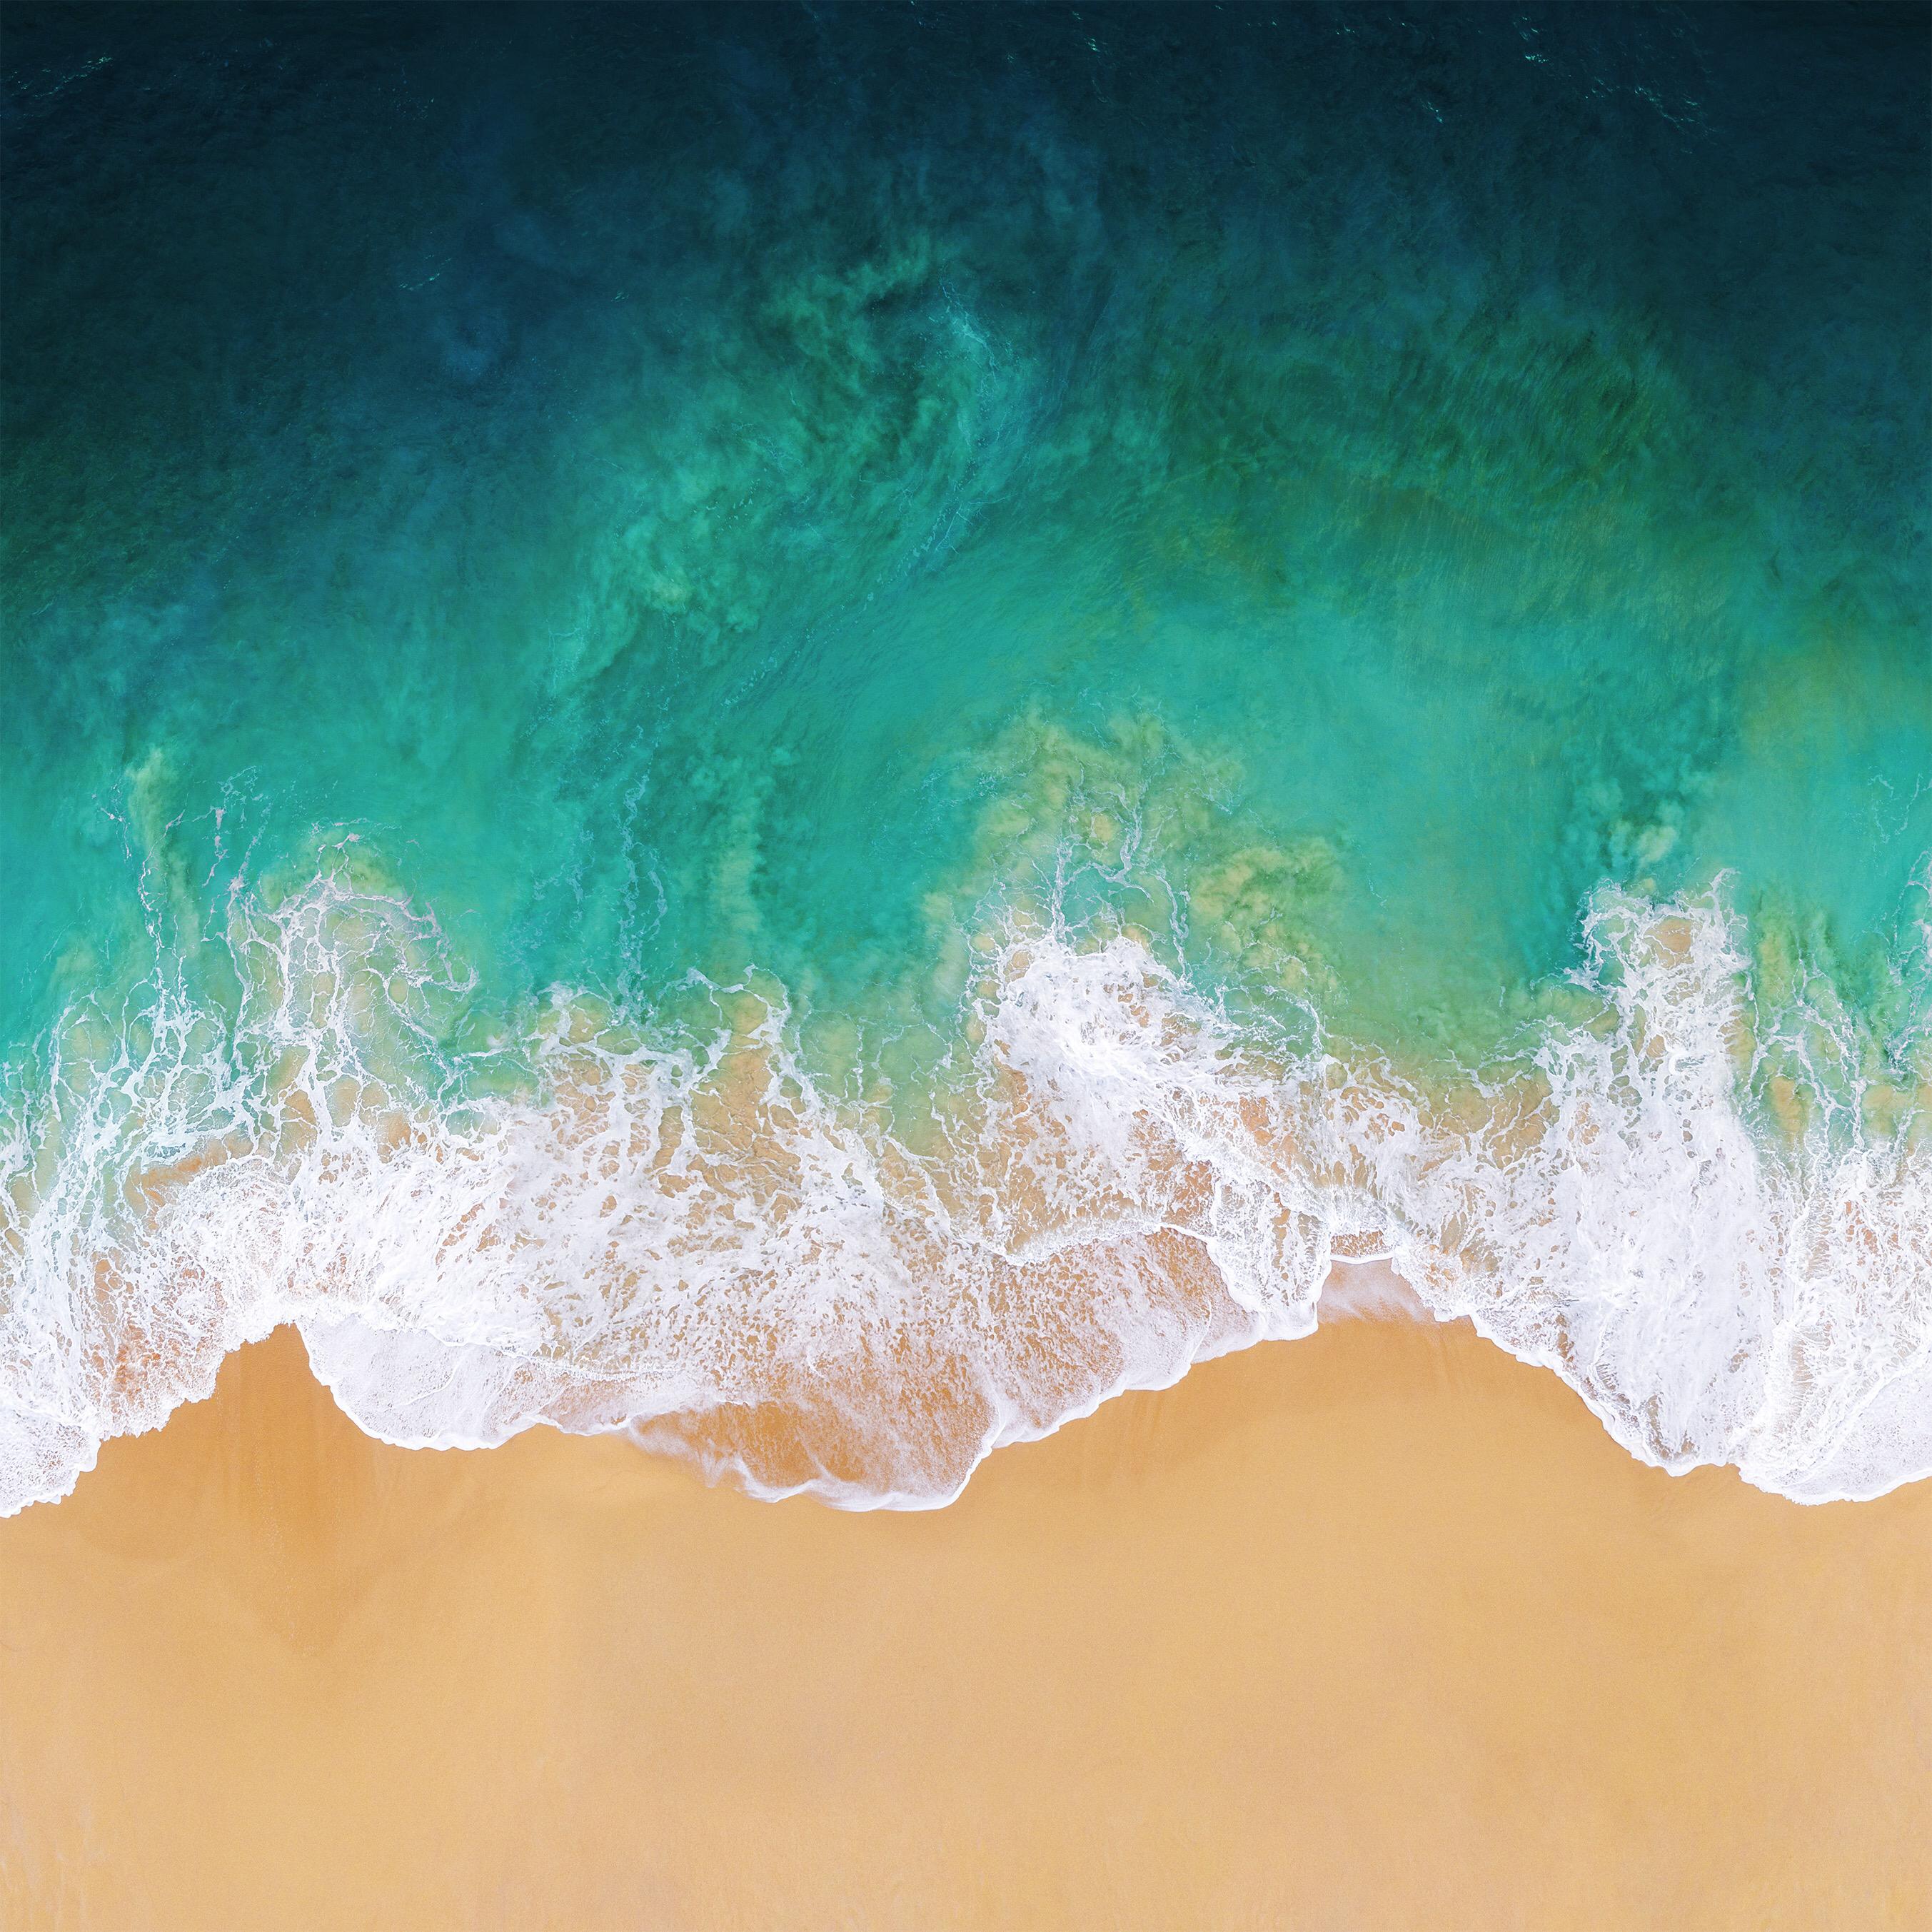 58 Iphone 7 Plus Default Wallpaper On Wallpapersafari